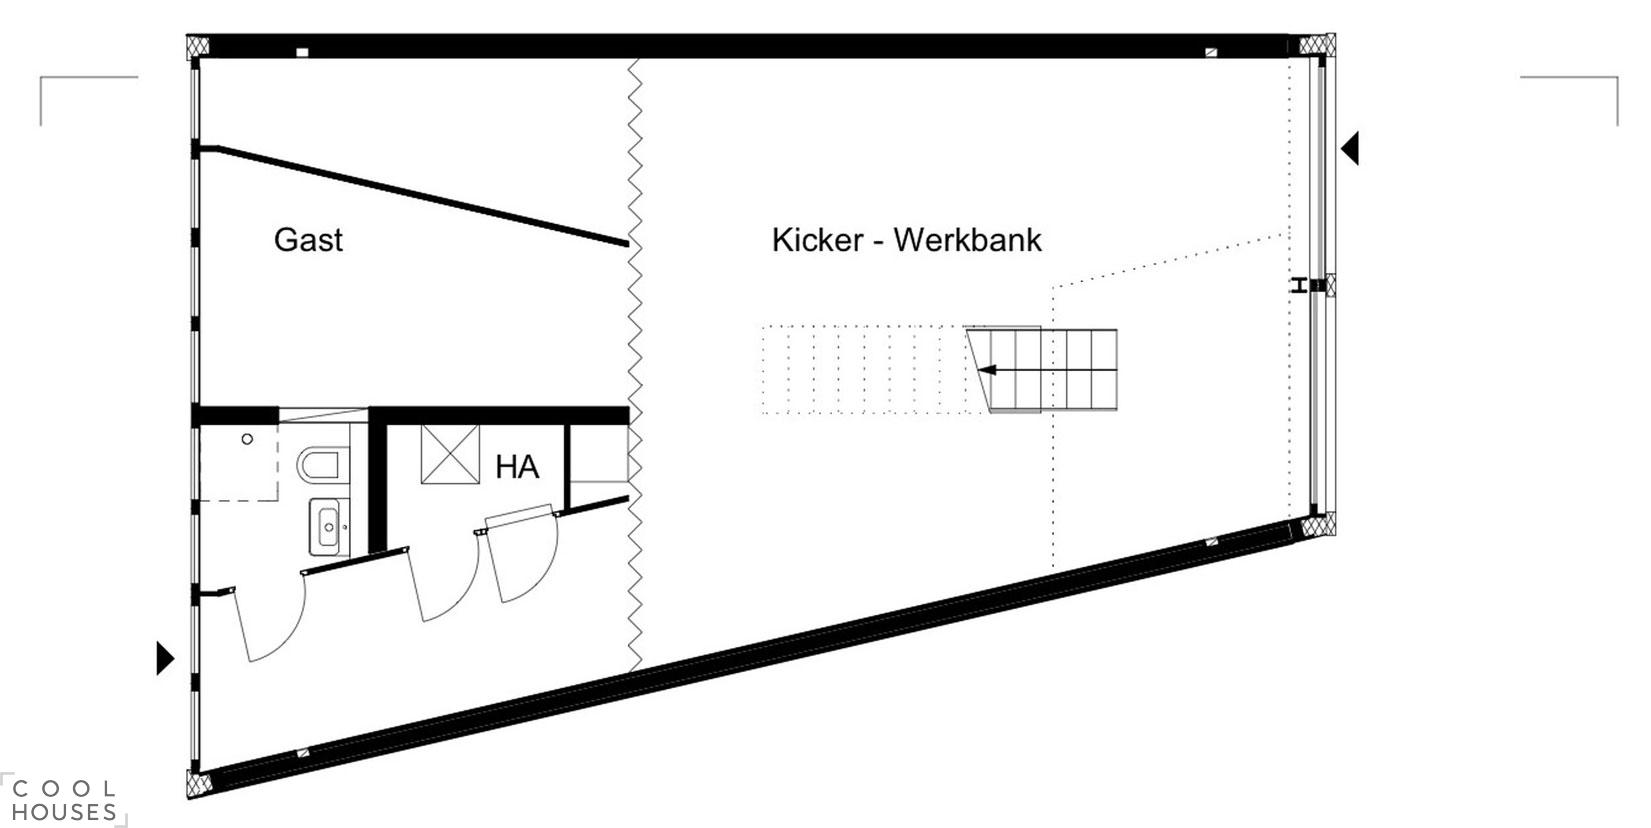 B14 - это новый таунхаус в стиле лофт в Берлине